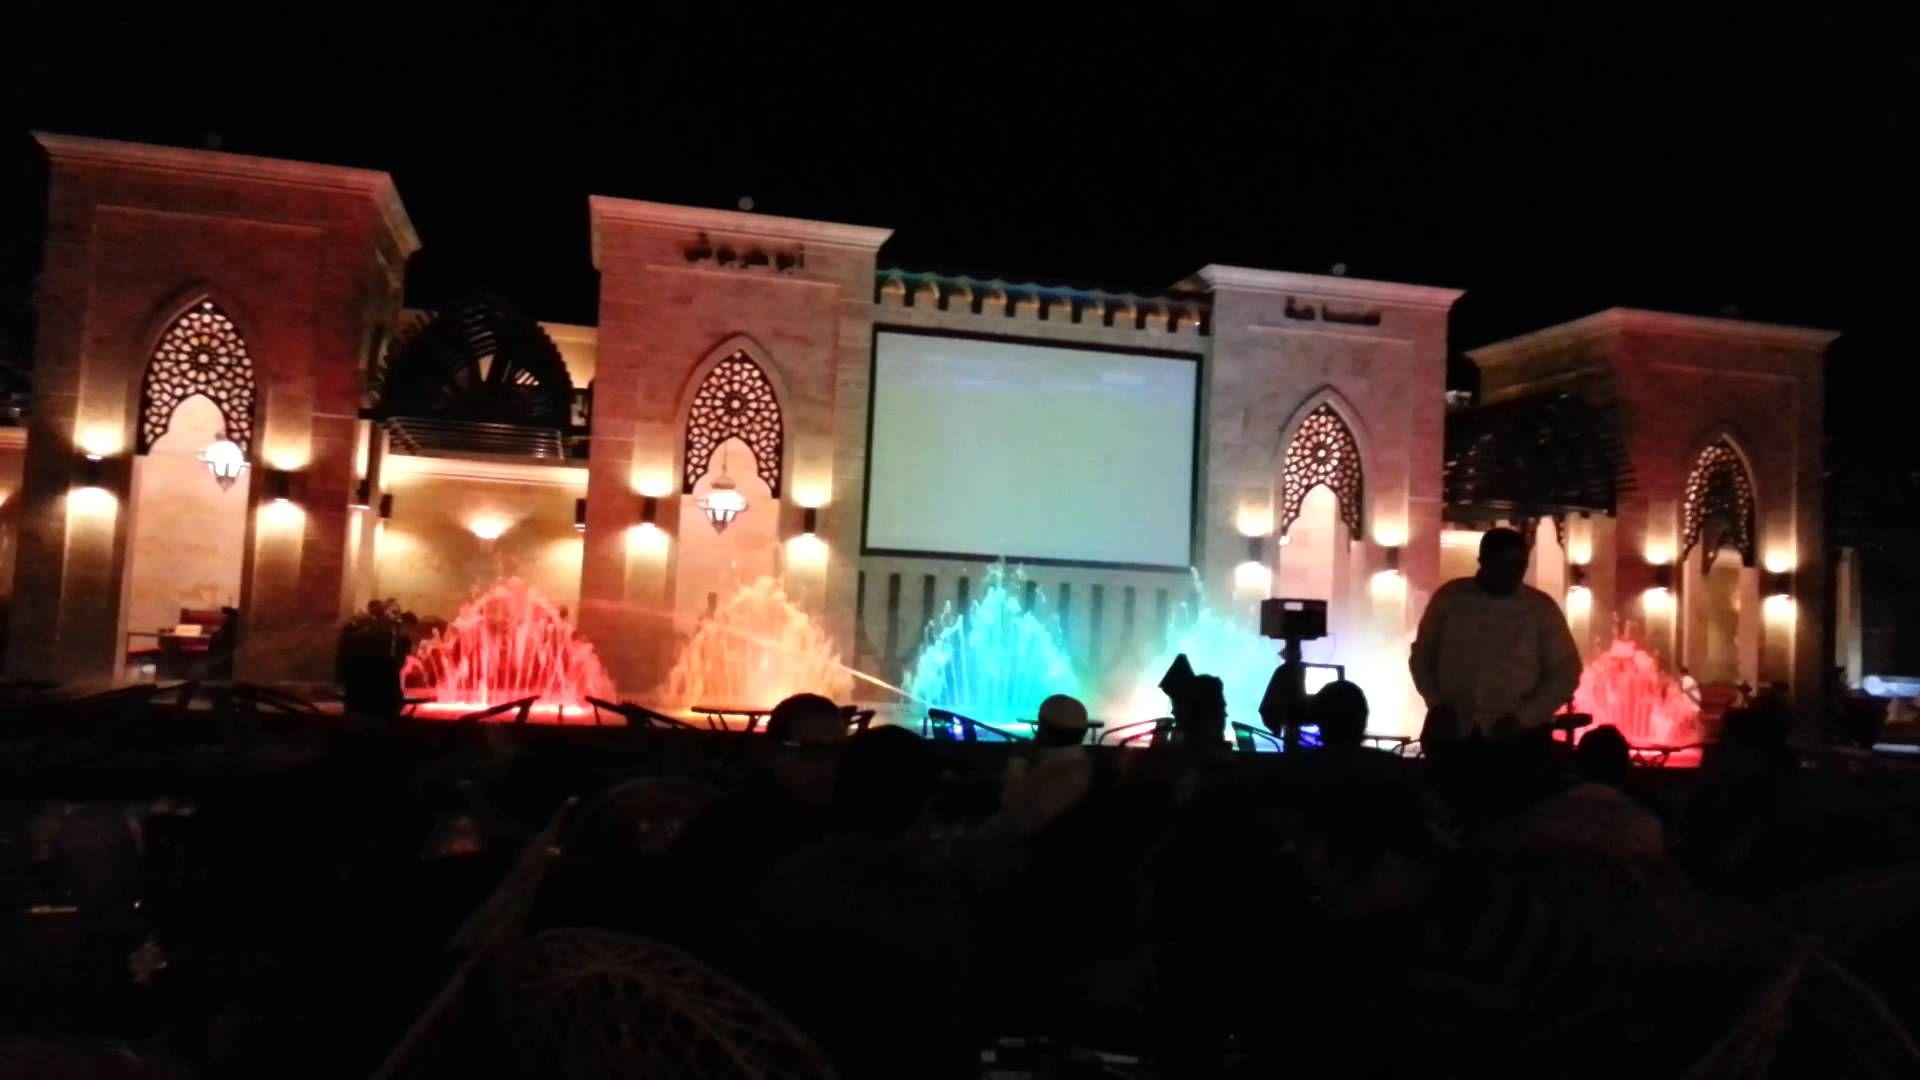 منتزه أبو طربوش Concert